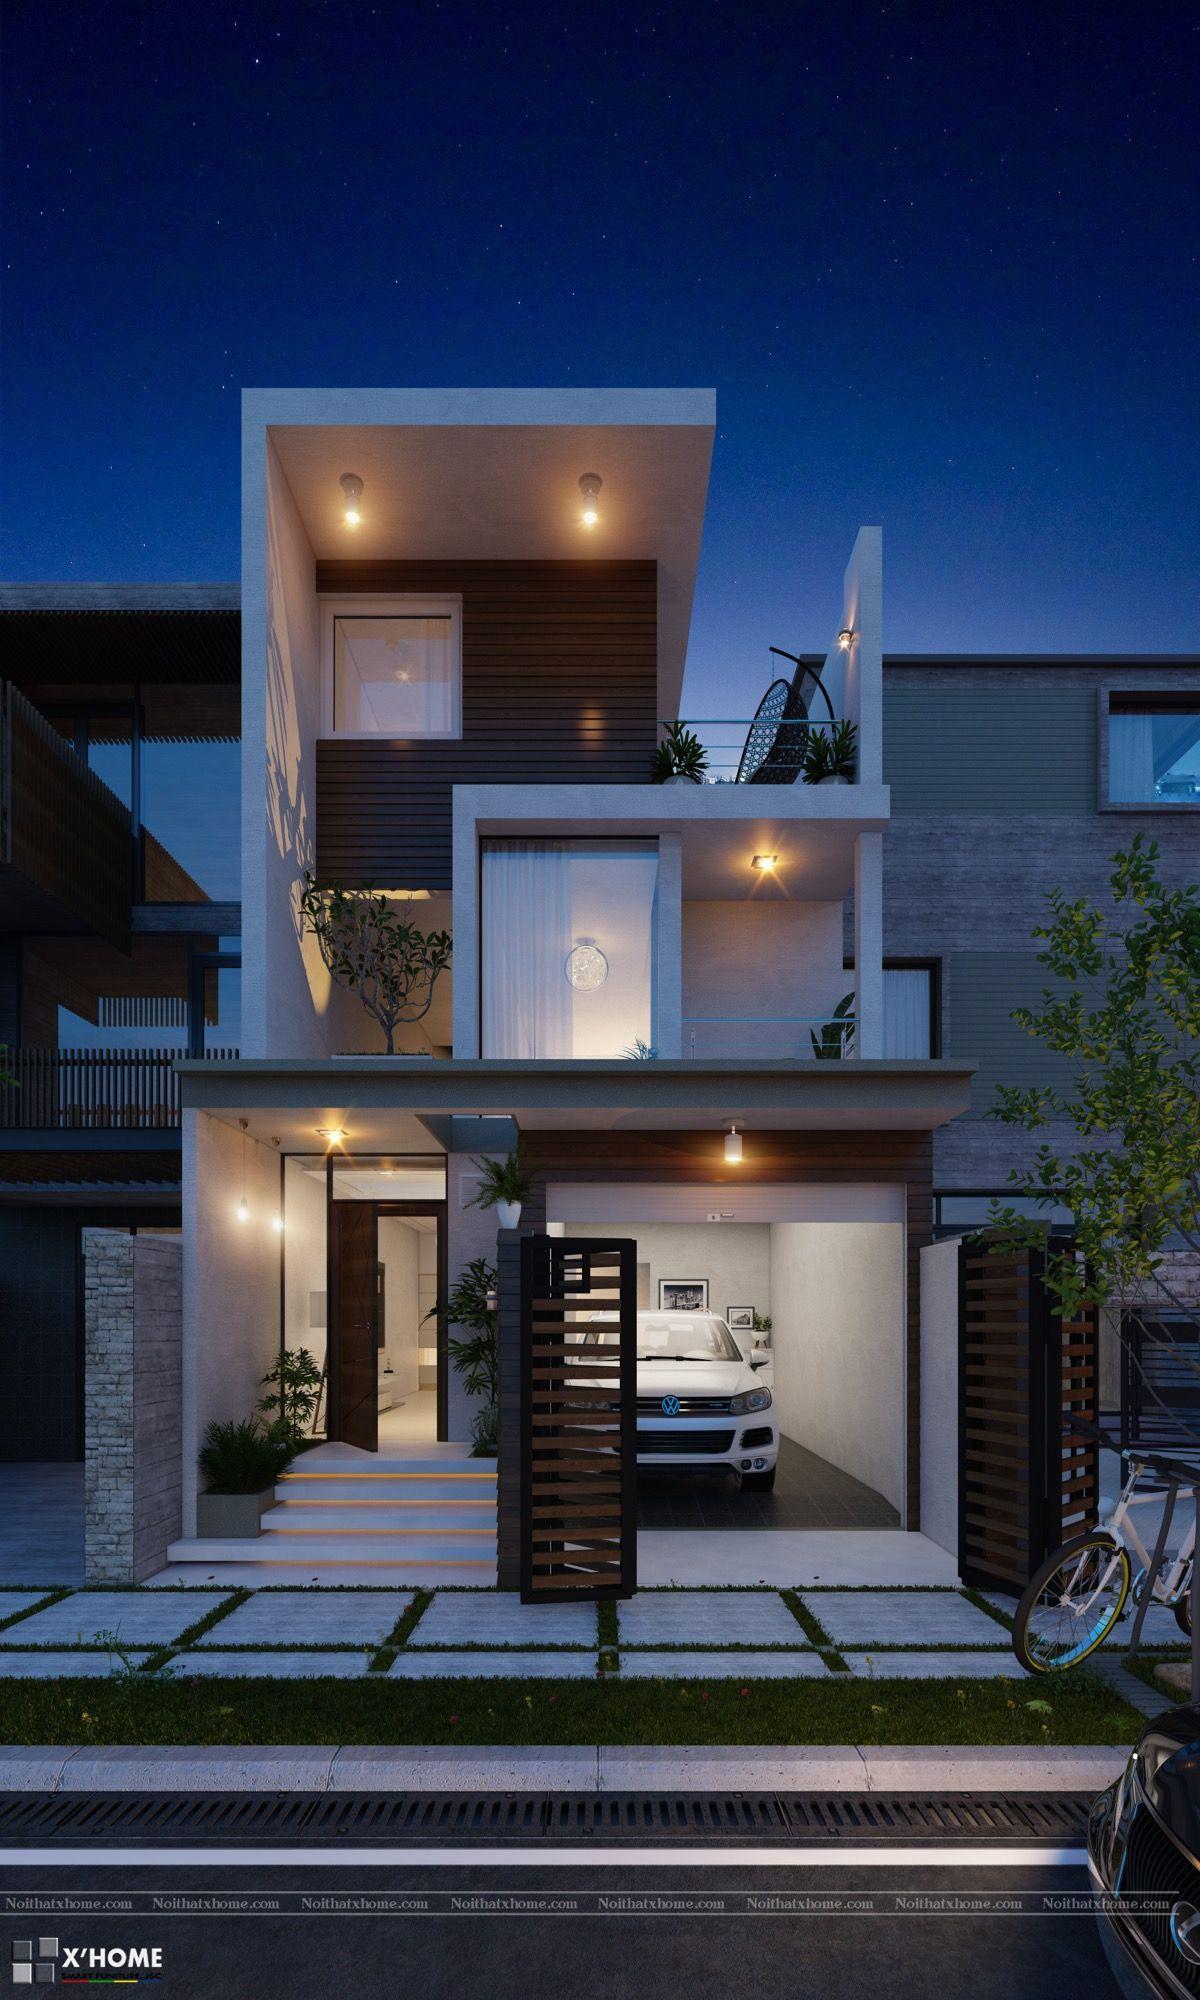 Narrow Lot Modern Infill House Plans Ideas Modern House Design Narrow House Plans Contemporary House Plans Narrow Lot House Plans